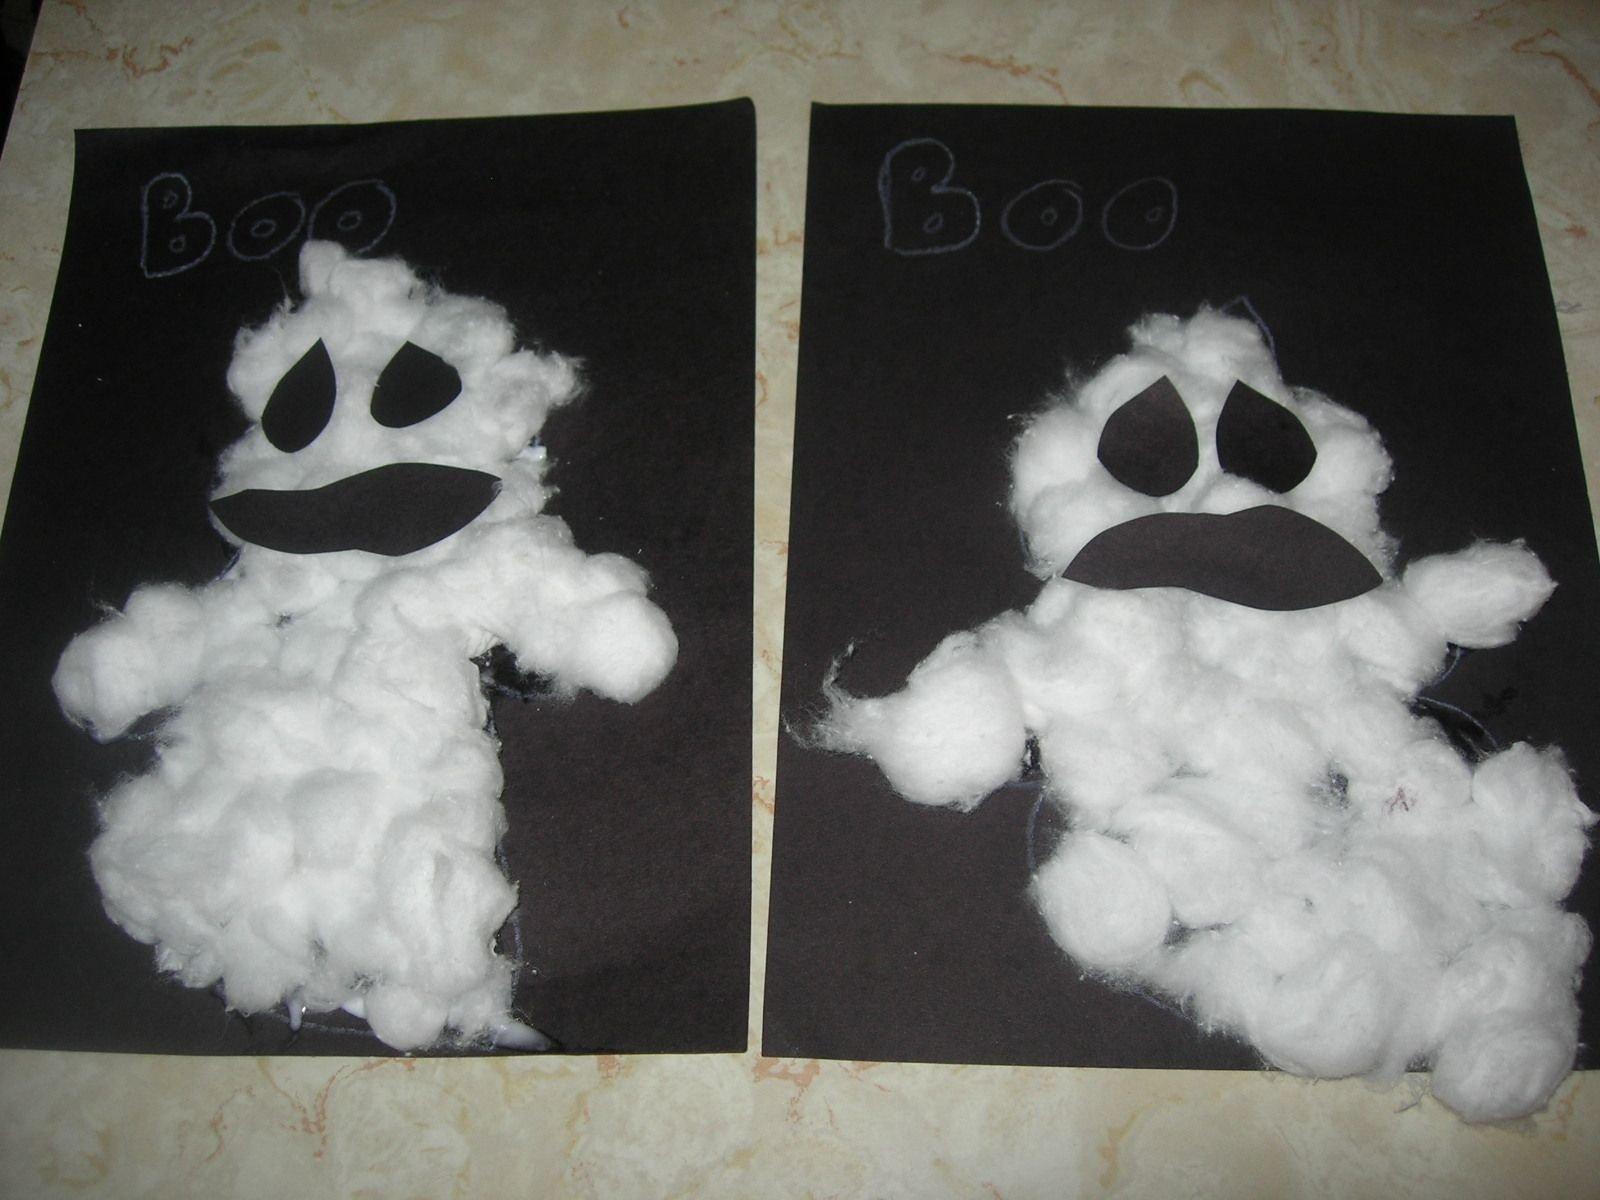 10 Elegant Halloween Craft Ideas For Preschoolers halloween crafts for preschoolers classified mom halloween art 2021